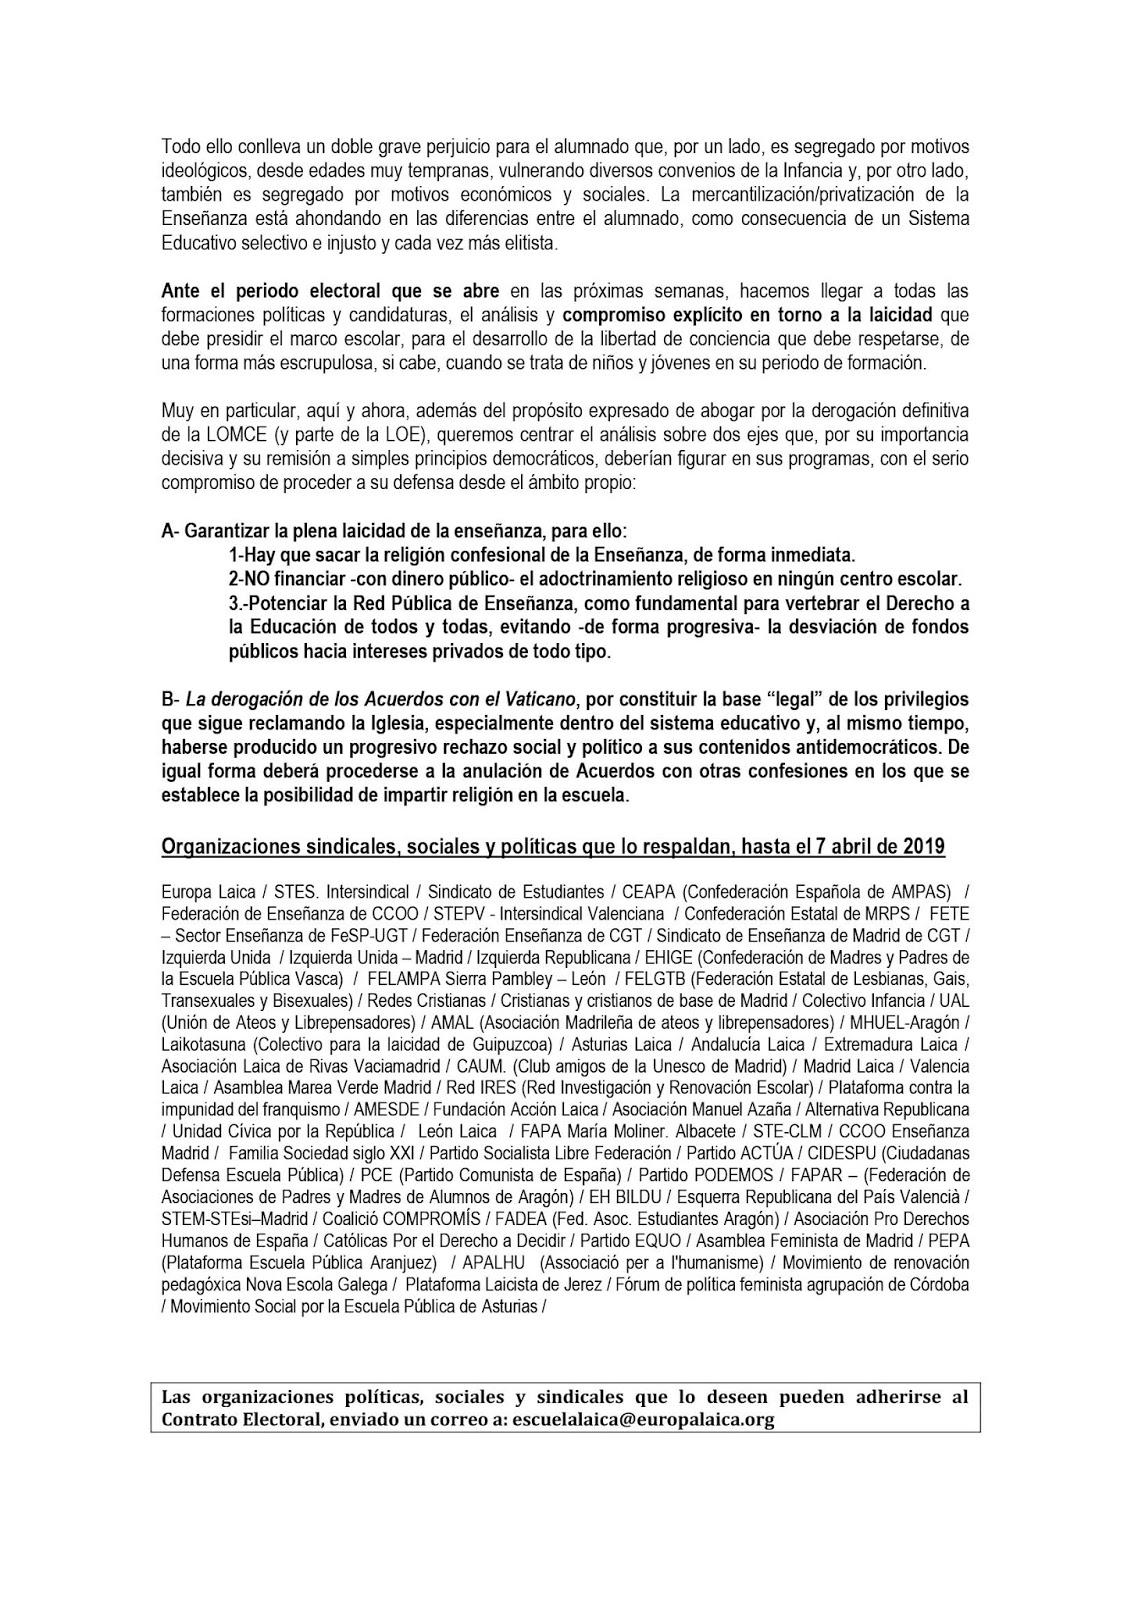 """MareaVerde: Campaña unitaria """"Por una Escuela Pública y"""